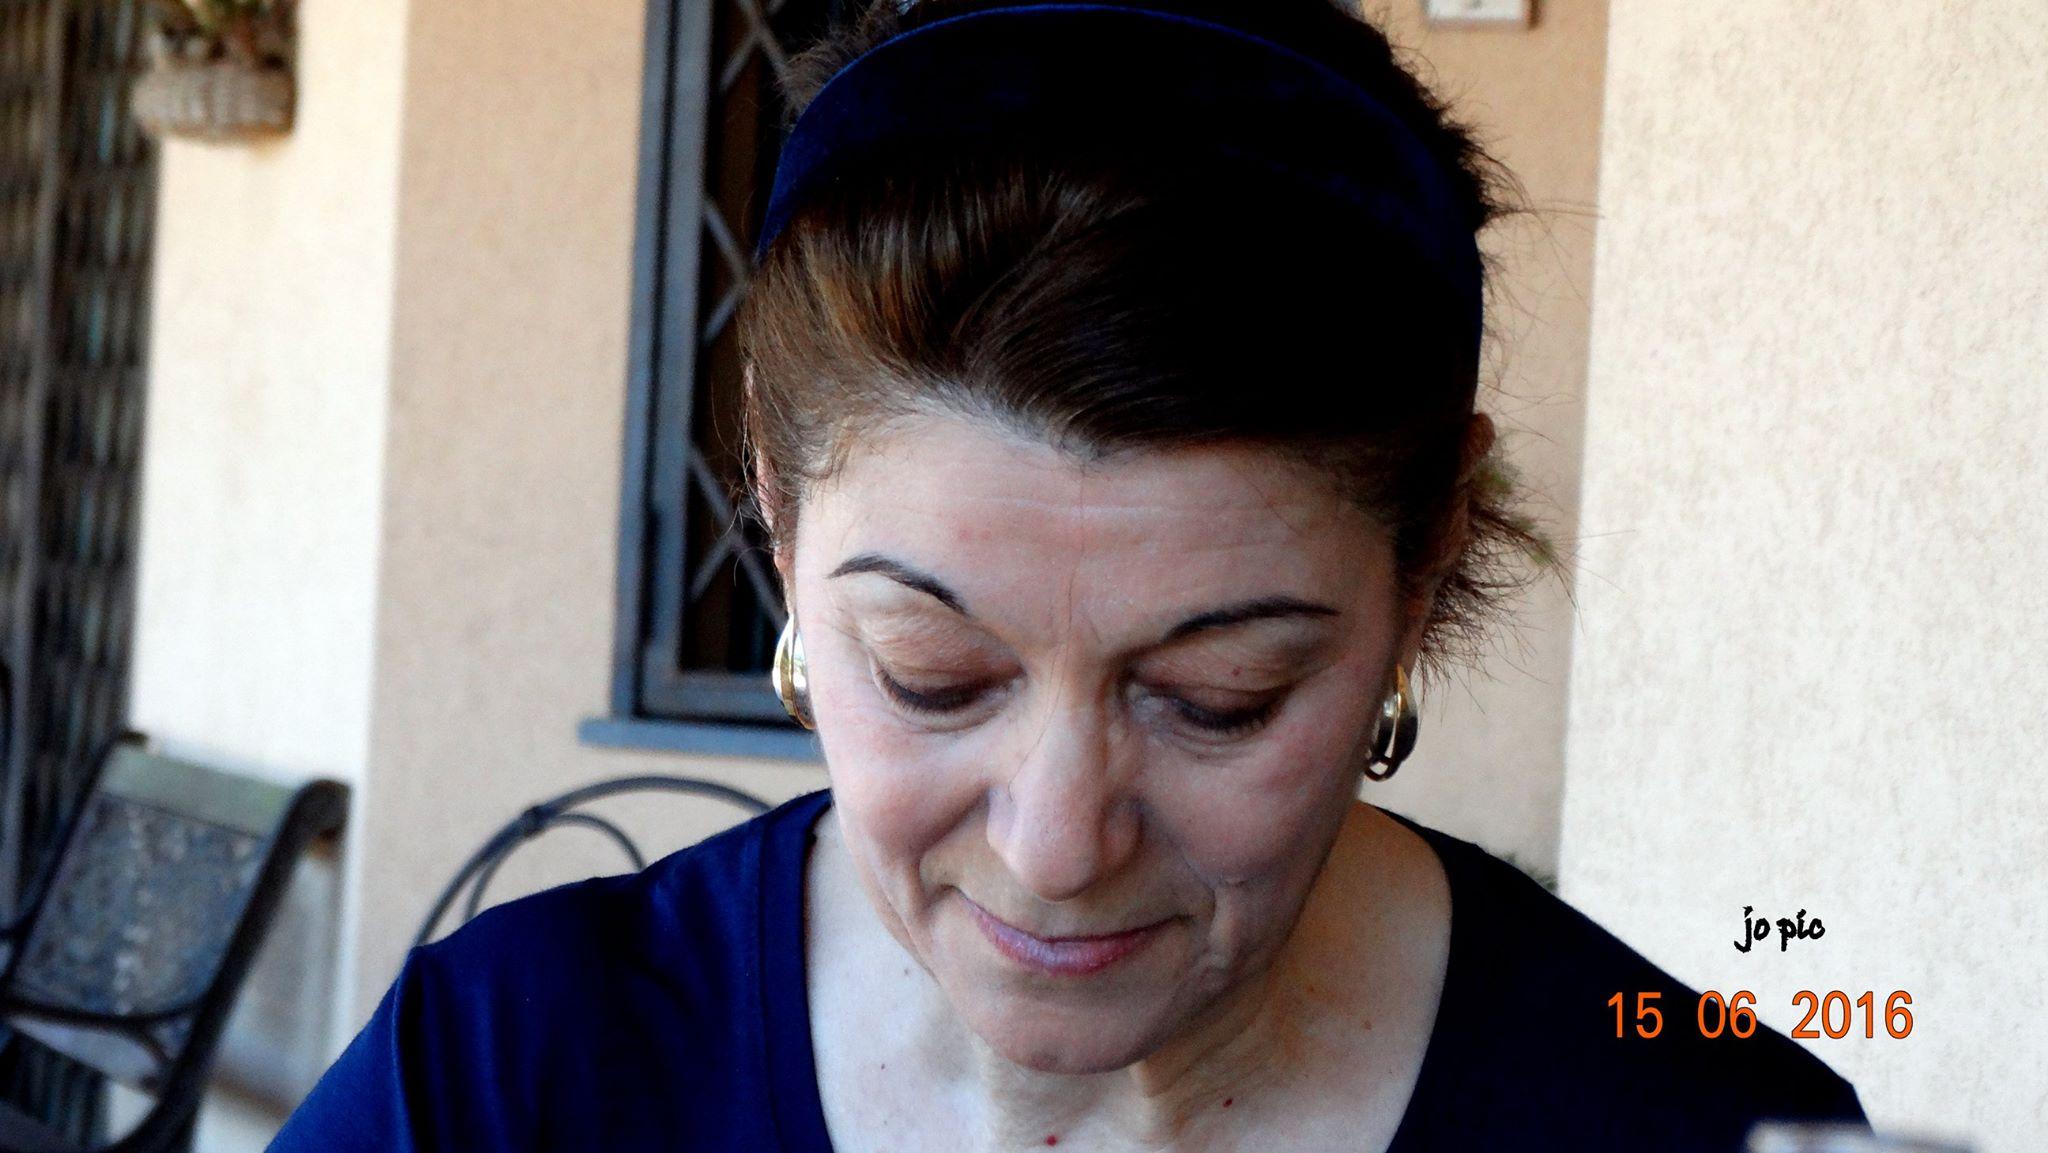 Angela Scaglione